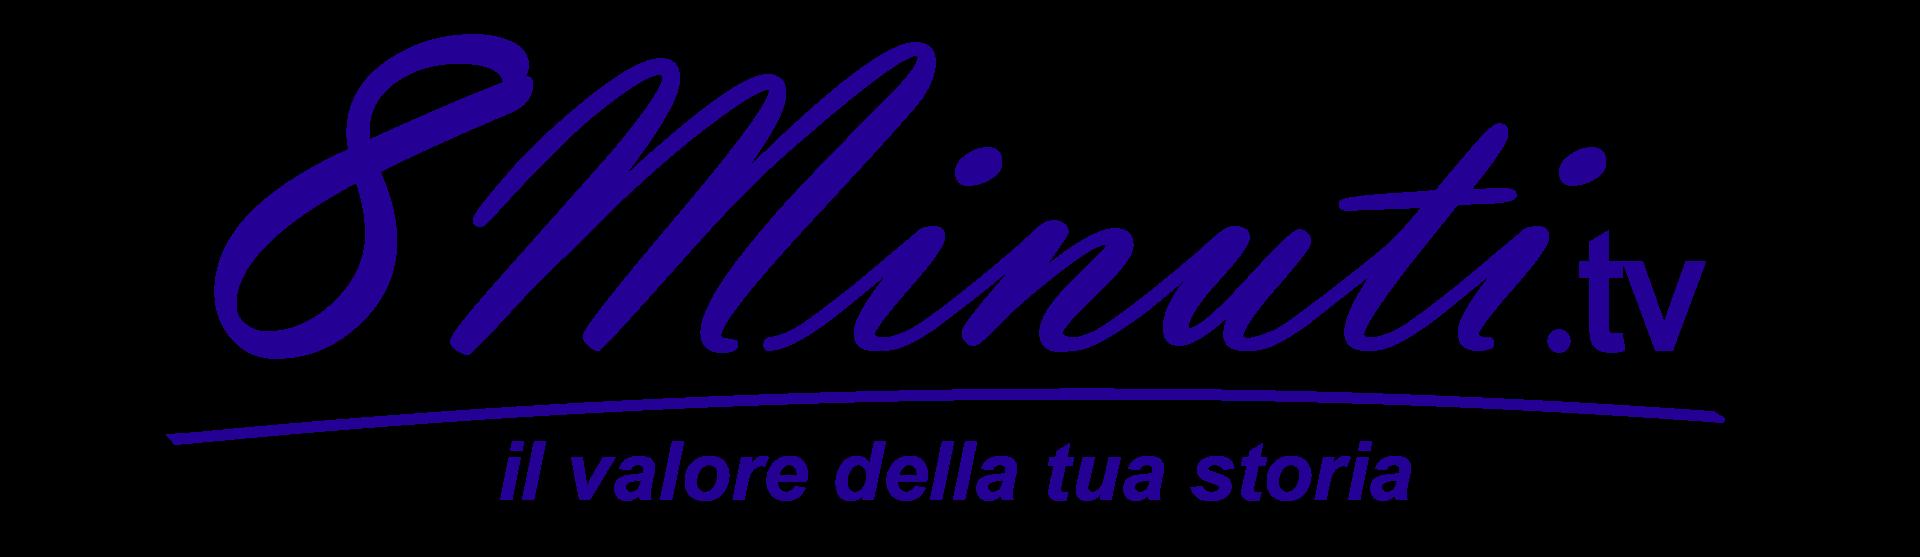 8Minuti.tv